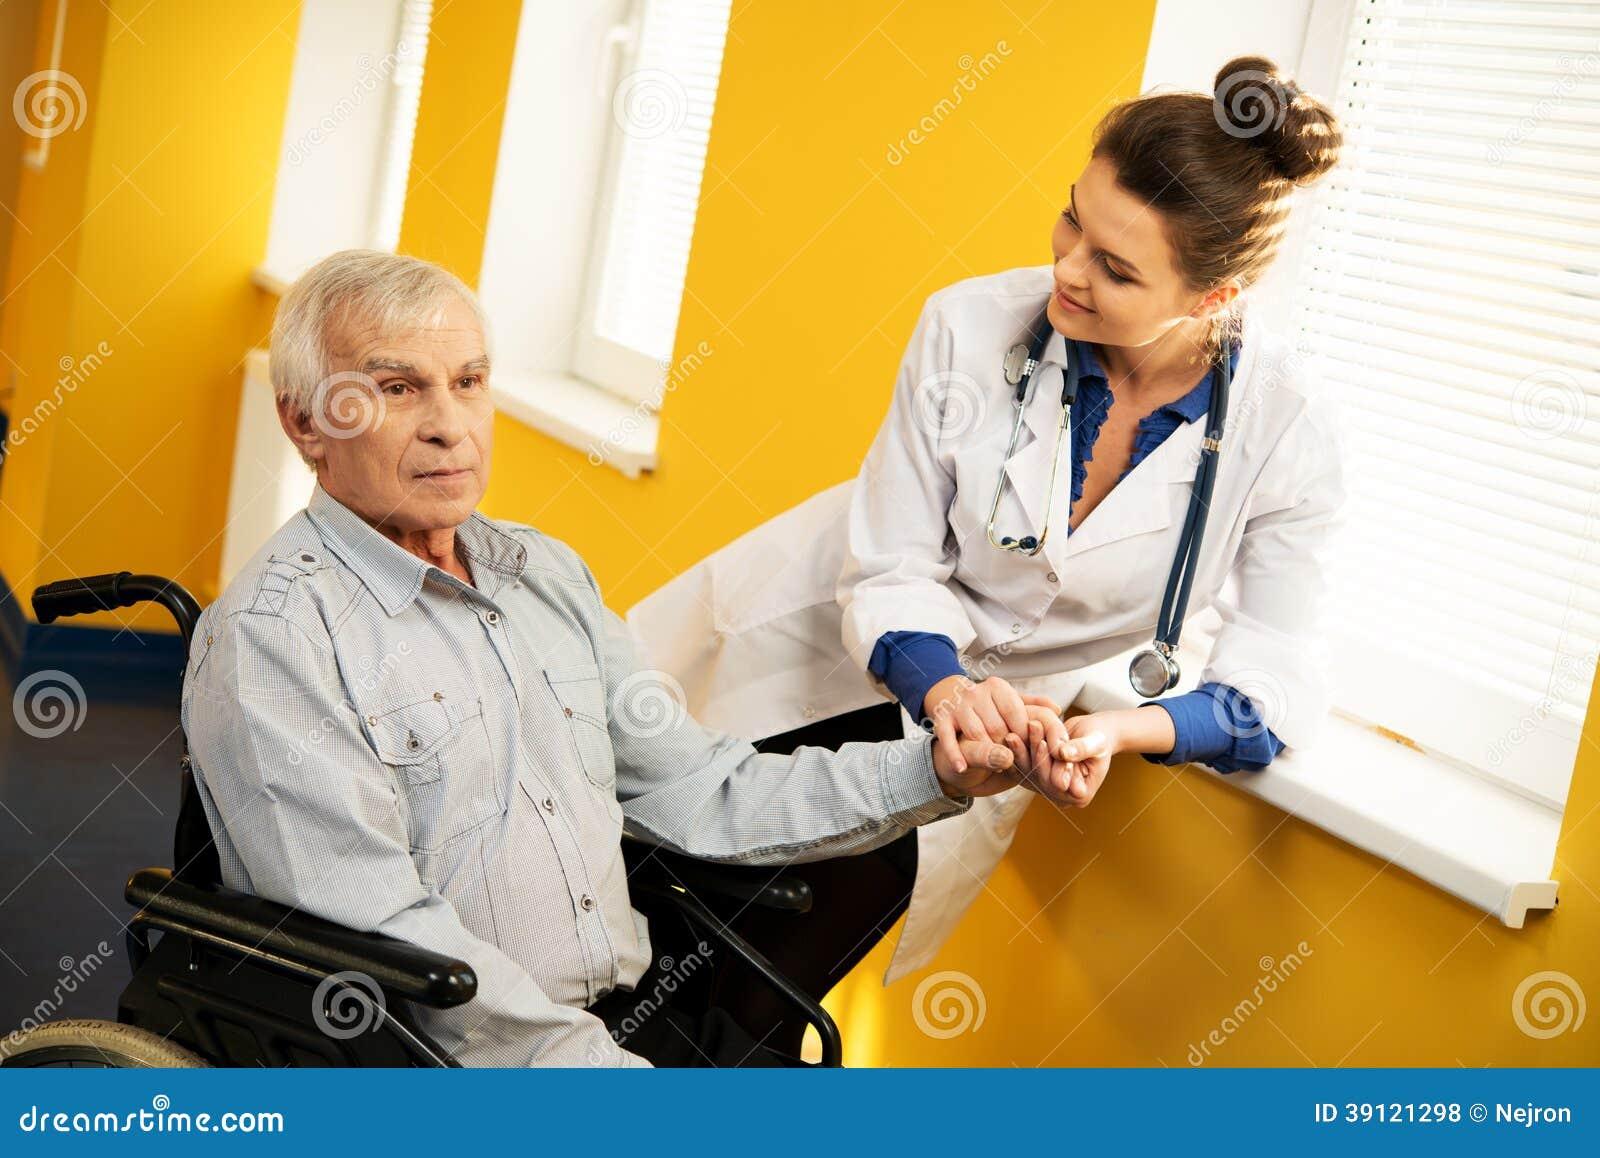 Смотреть про медсестер бесплатно 13 фотография